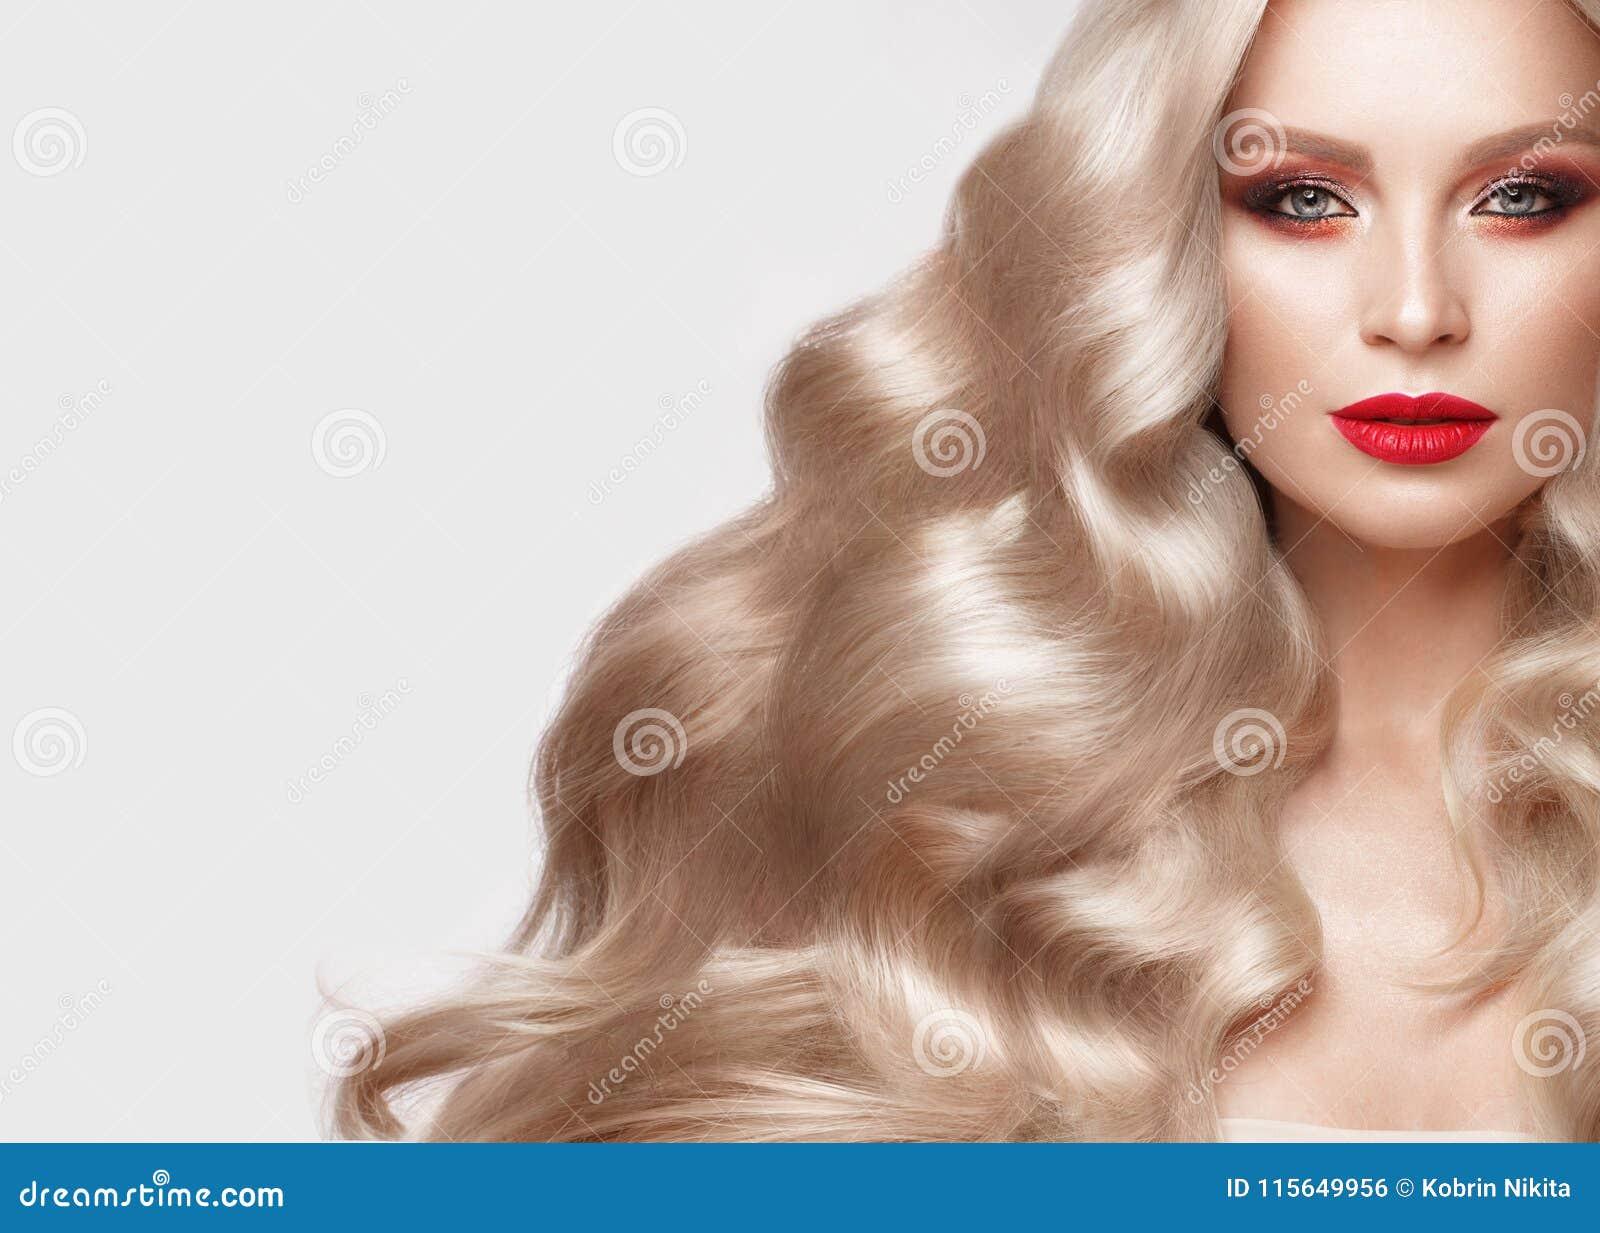 Mooi blonde op een Hollywood-manier met krullen, natuurlijke make-up en rode lippen Het gezicht en het haar van de schoonheid